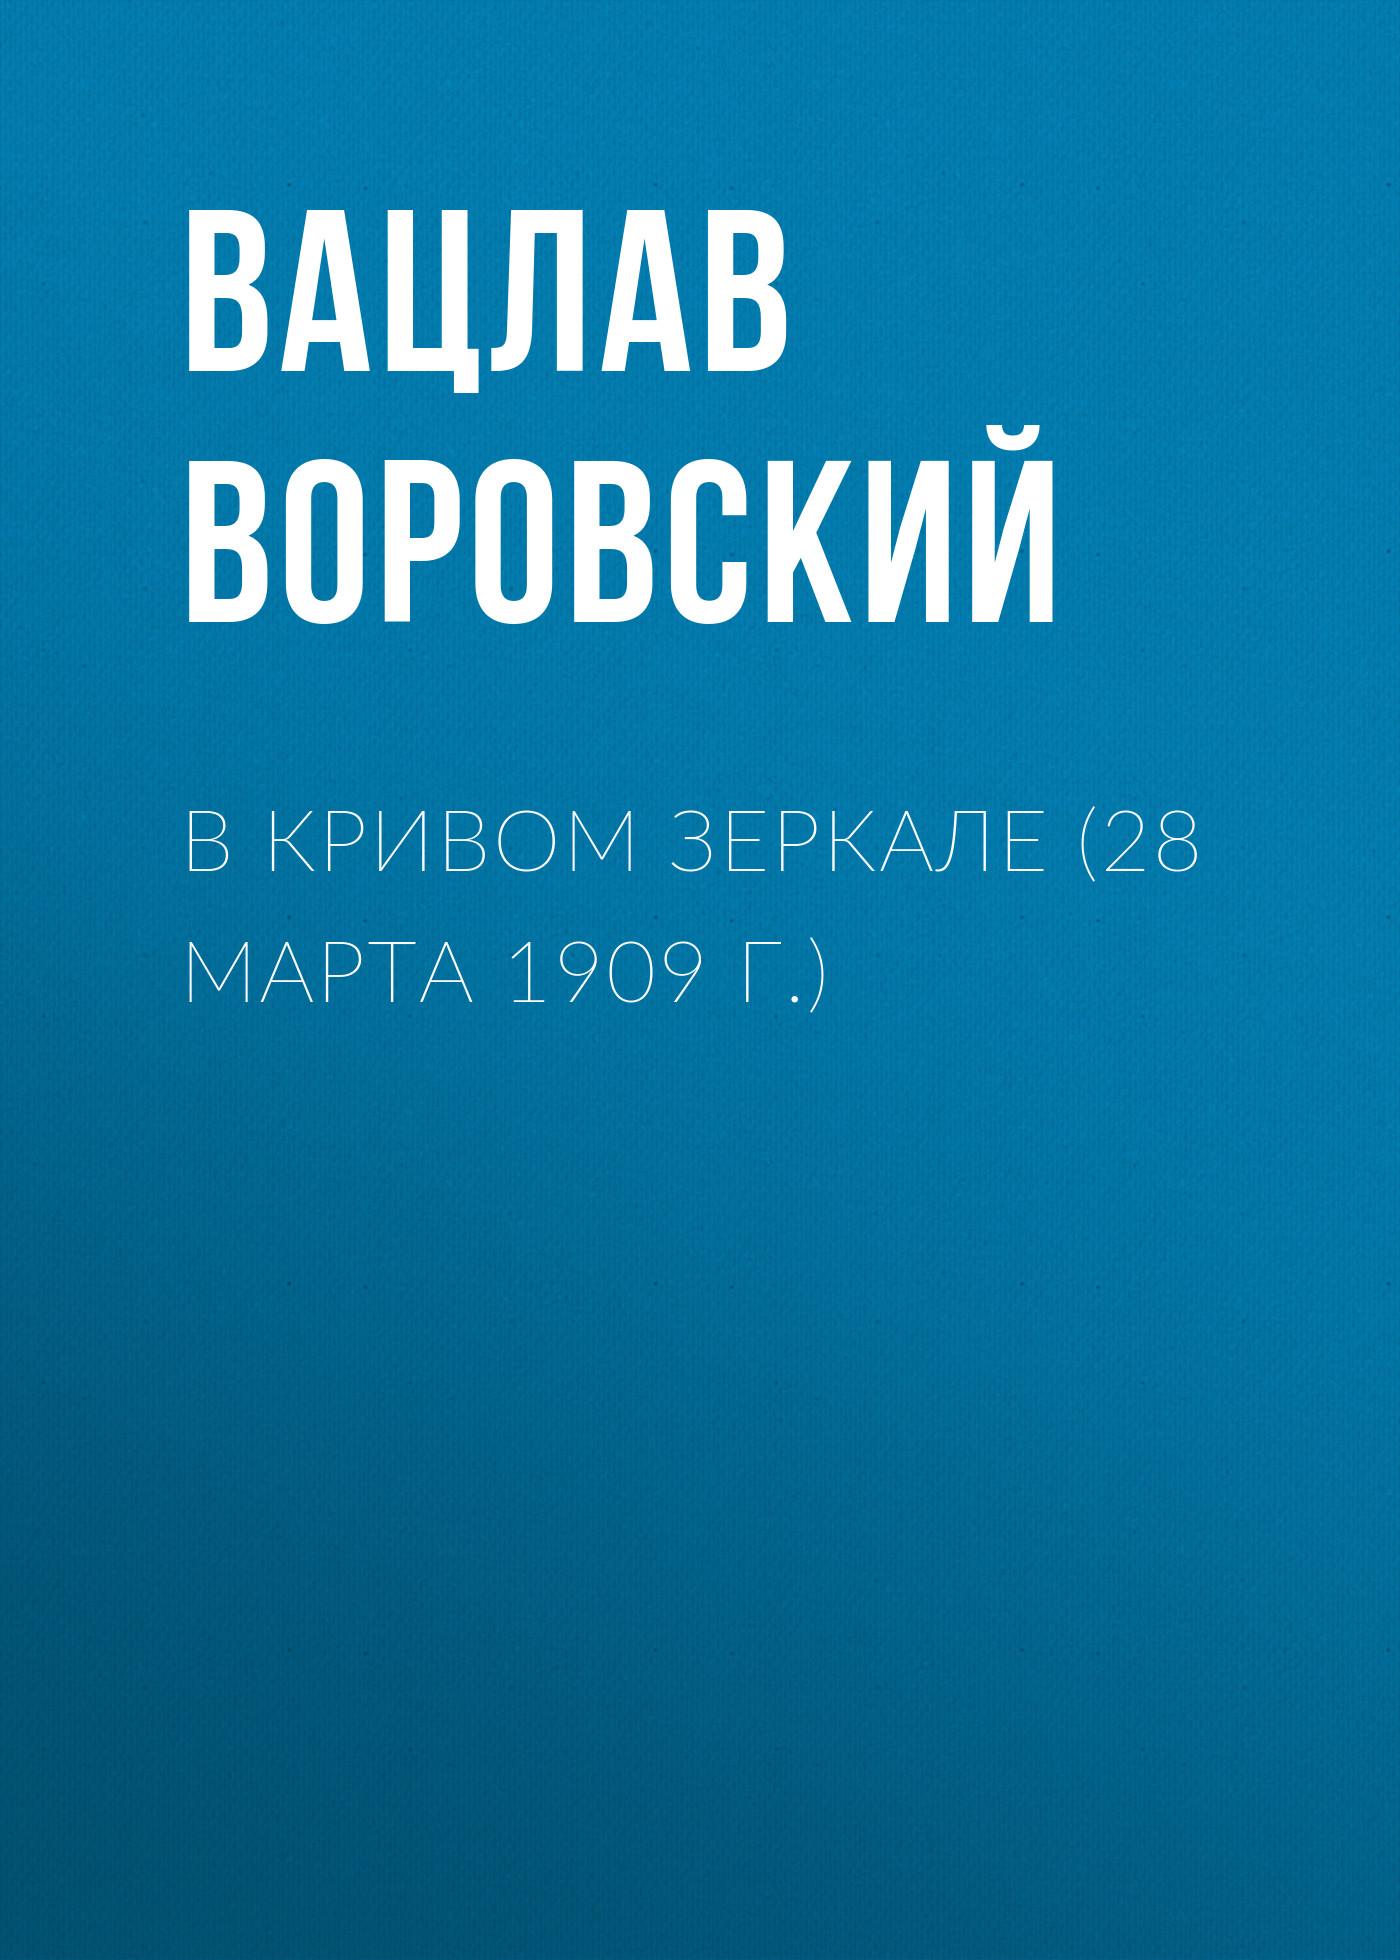 Вацлав Воровский В кривом зеркале (28 марта 1909 г.) вацлав воровский в кривом зеркале 17 января 1909 г